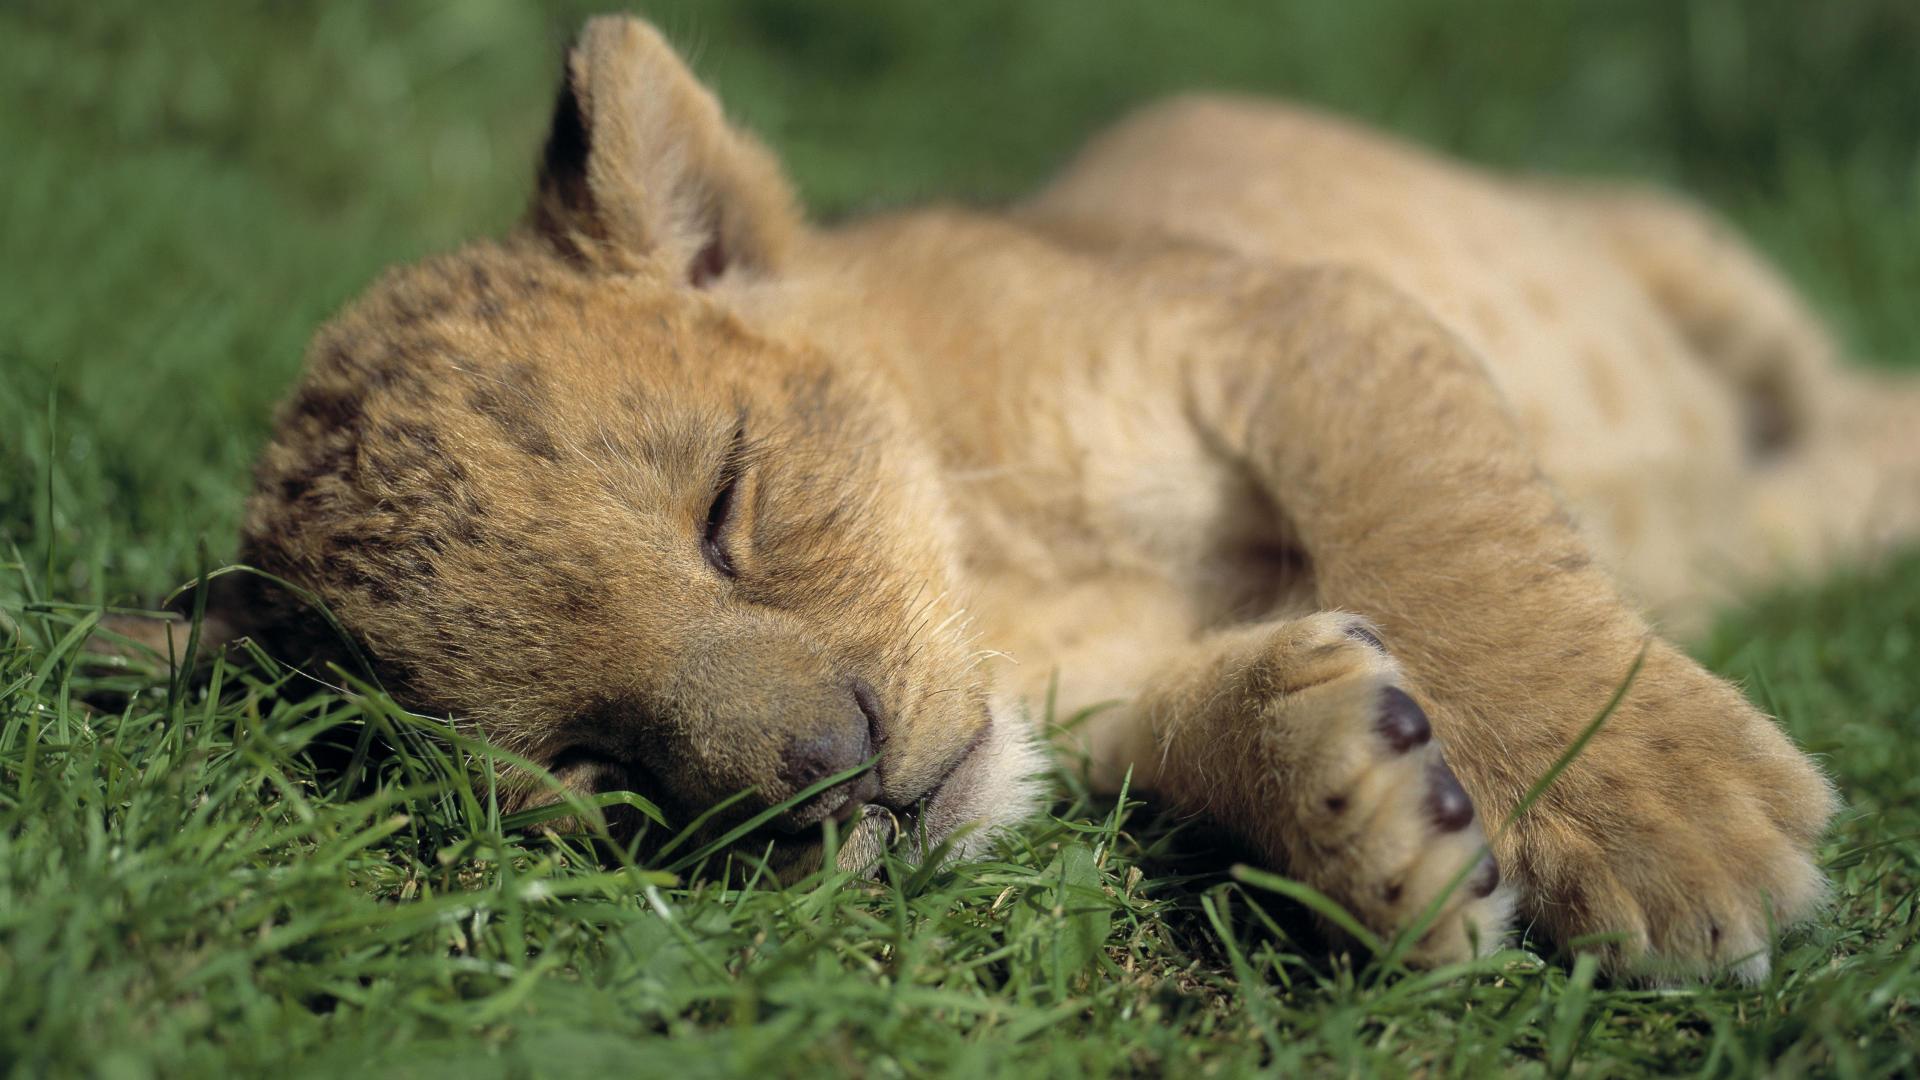 صوره صور حيوانات , مجموعة صور تضم اجمل الحيوانات